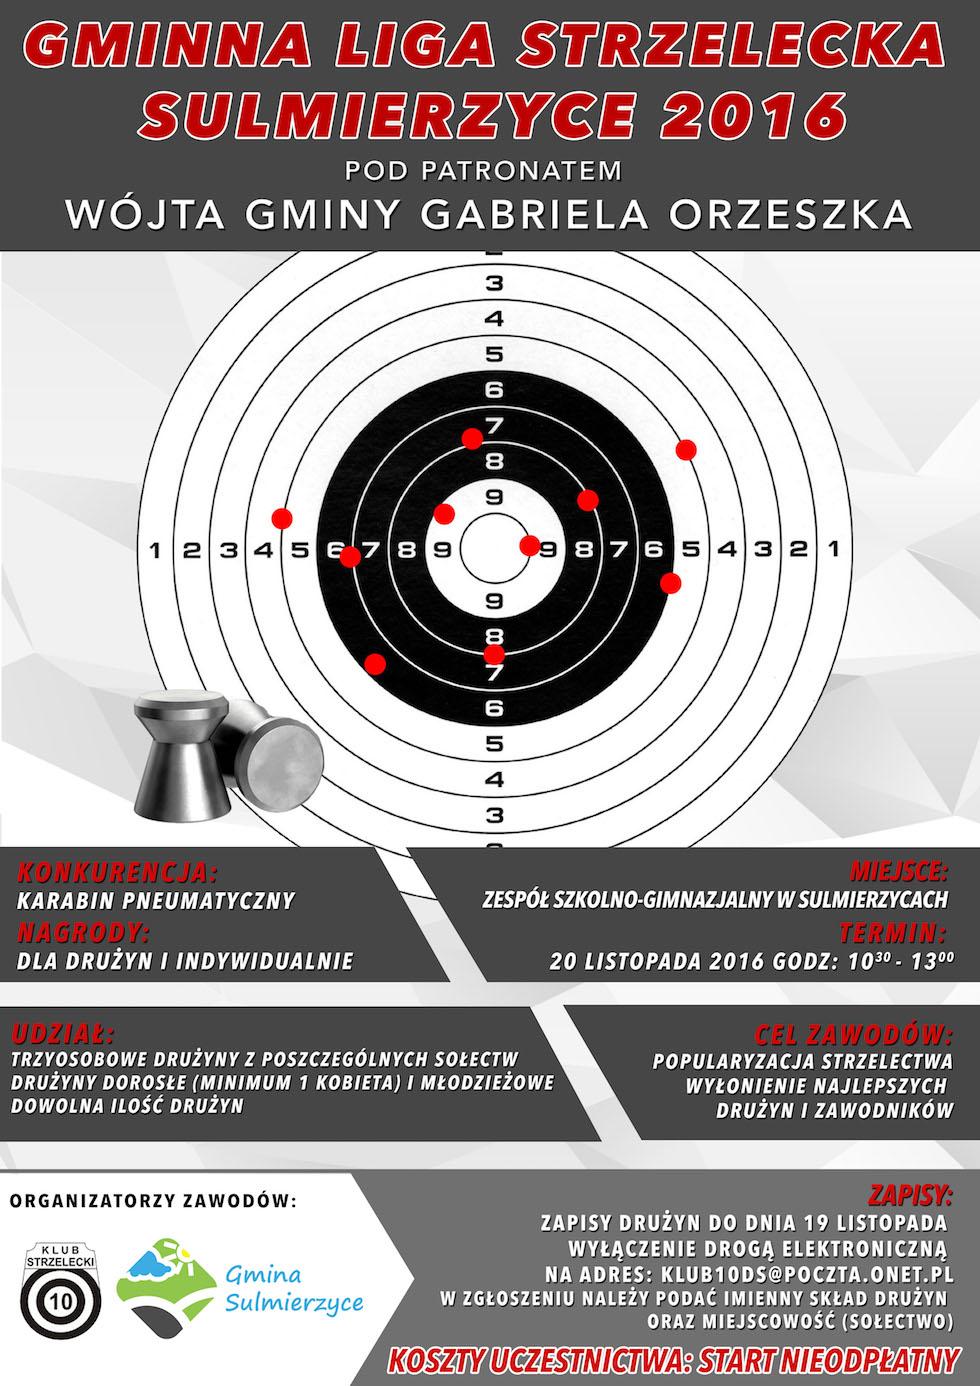 zawody-strzeleckie-sulmierzyce